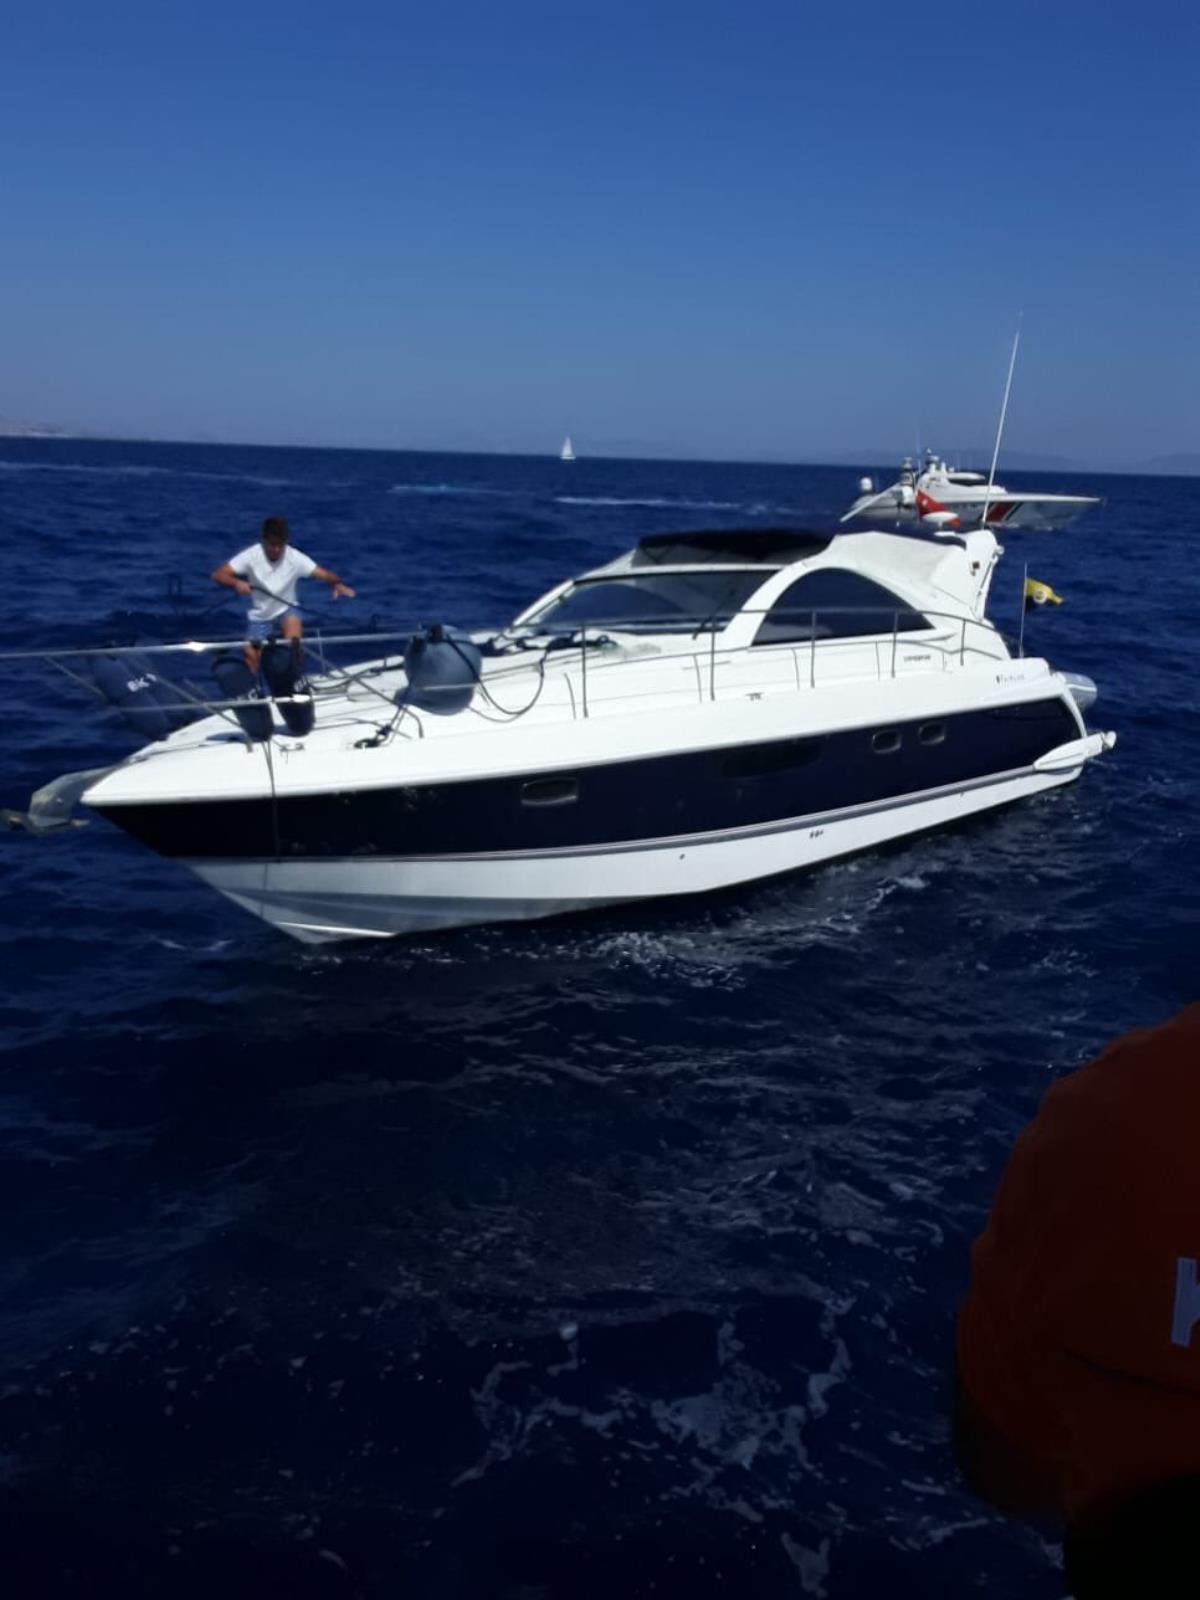 Bodrum'da denizde sürüklenen teknedeki 2 kişi kurtarıldı